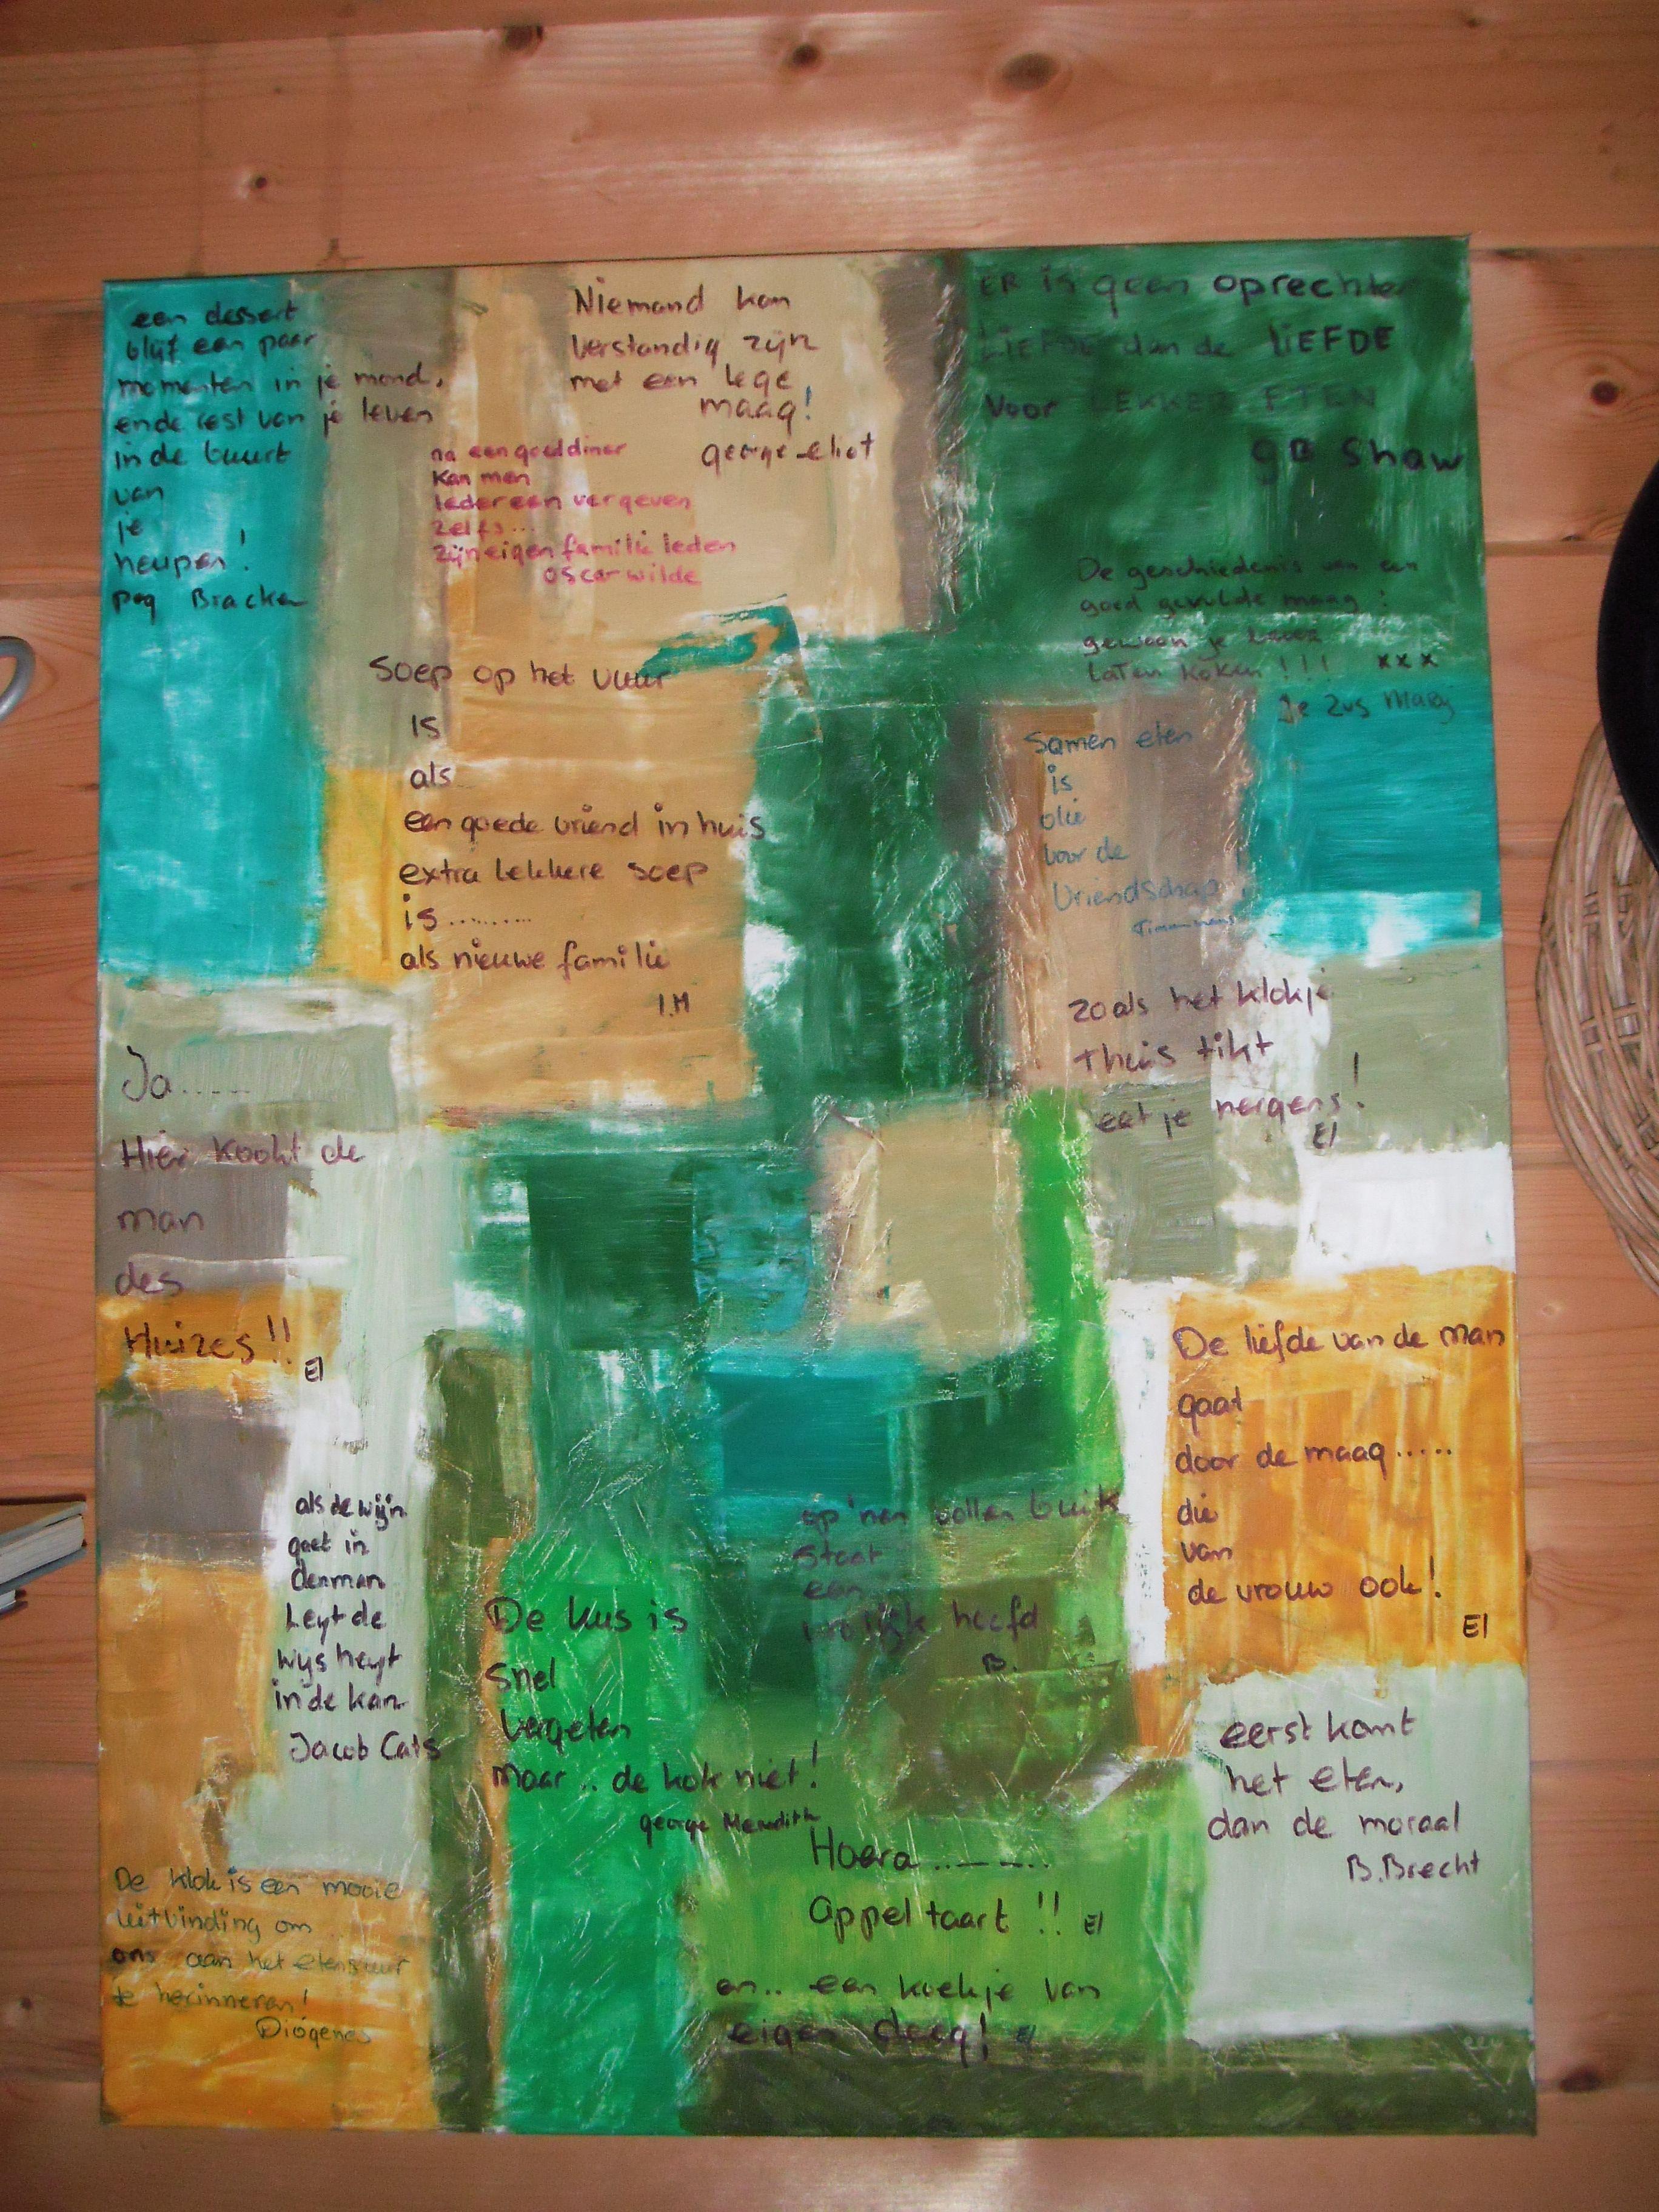 spreuken en gezegden over eten spreuken en gezegden over eten op acryl schilderij in buitenkeuken  spreuken en gezegden over eten